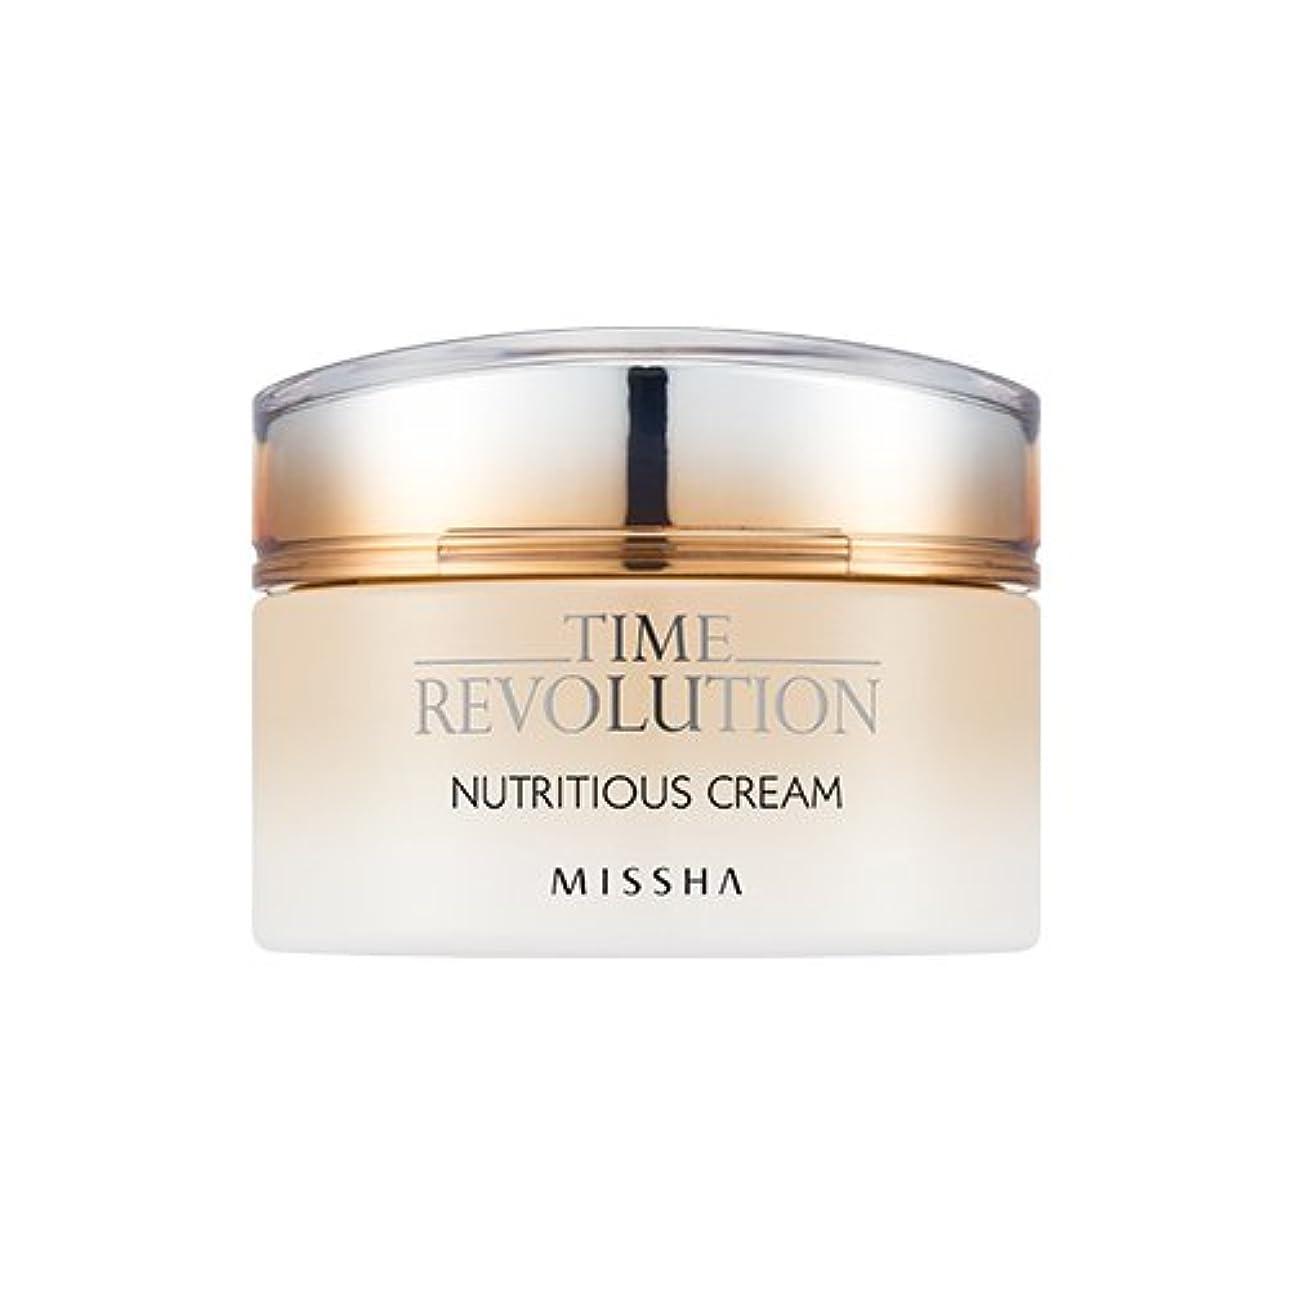 見つけるその後症候群[New] MISSHA Time Revolution Nutritious Cream 50ml/ミシャ タイム レボリューション ニュートリシャス クリーム 50ml [並行輸入品]